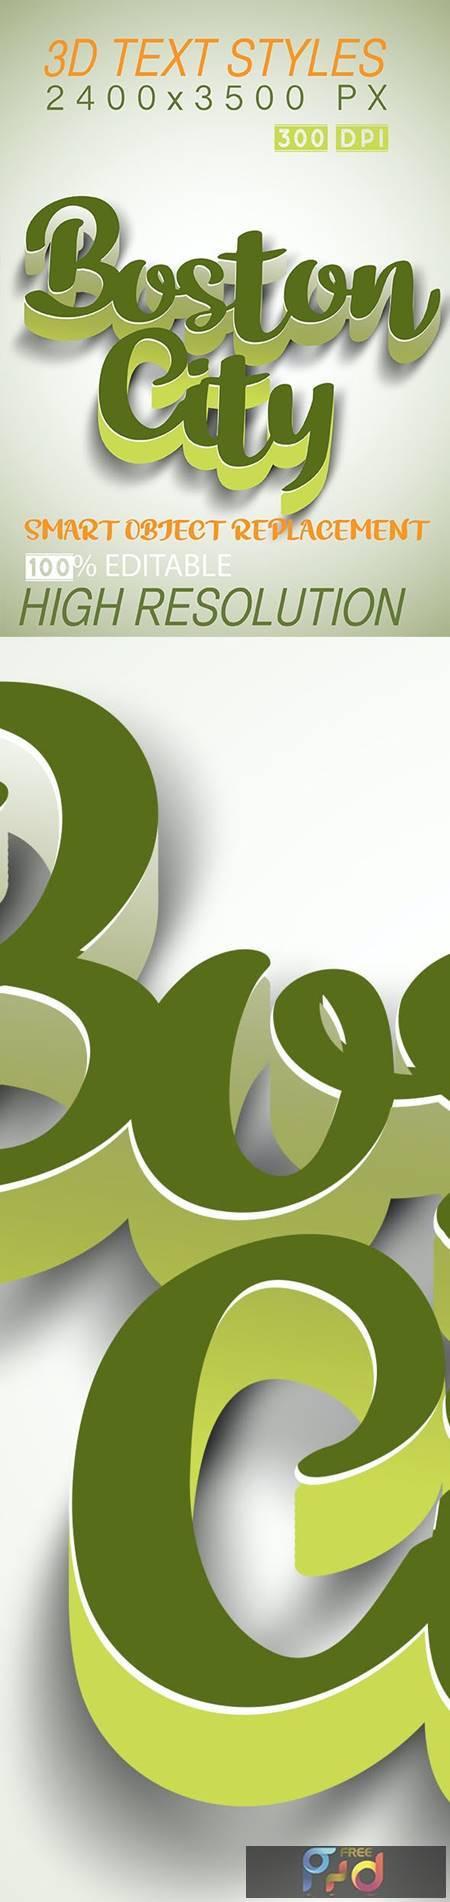 3D Text Styles Boston 26703076 1